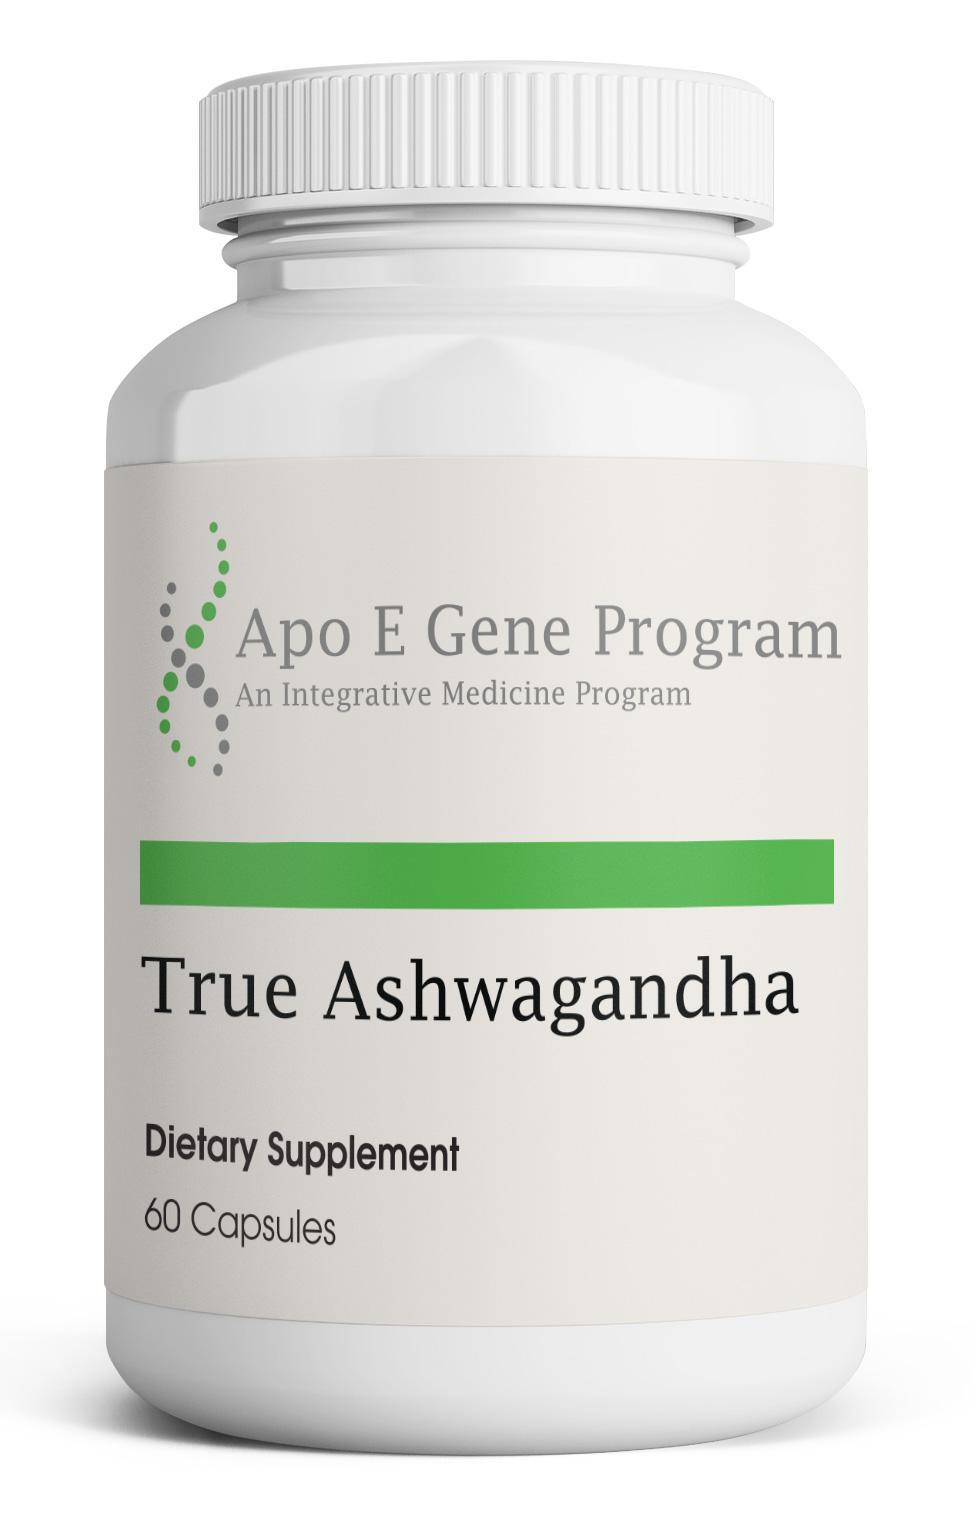 True Ashwagandha